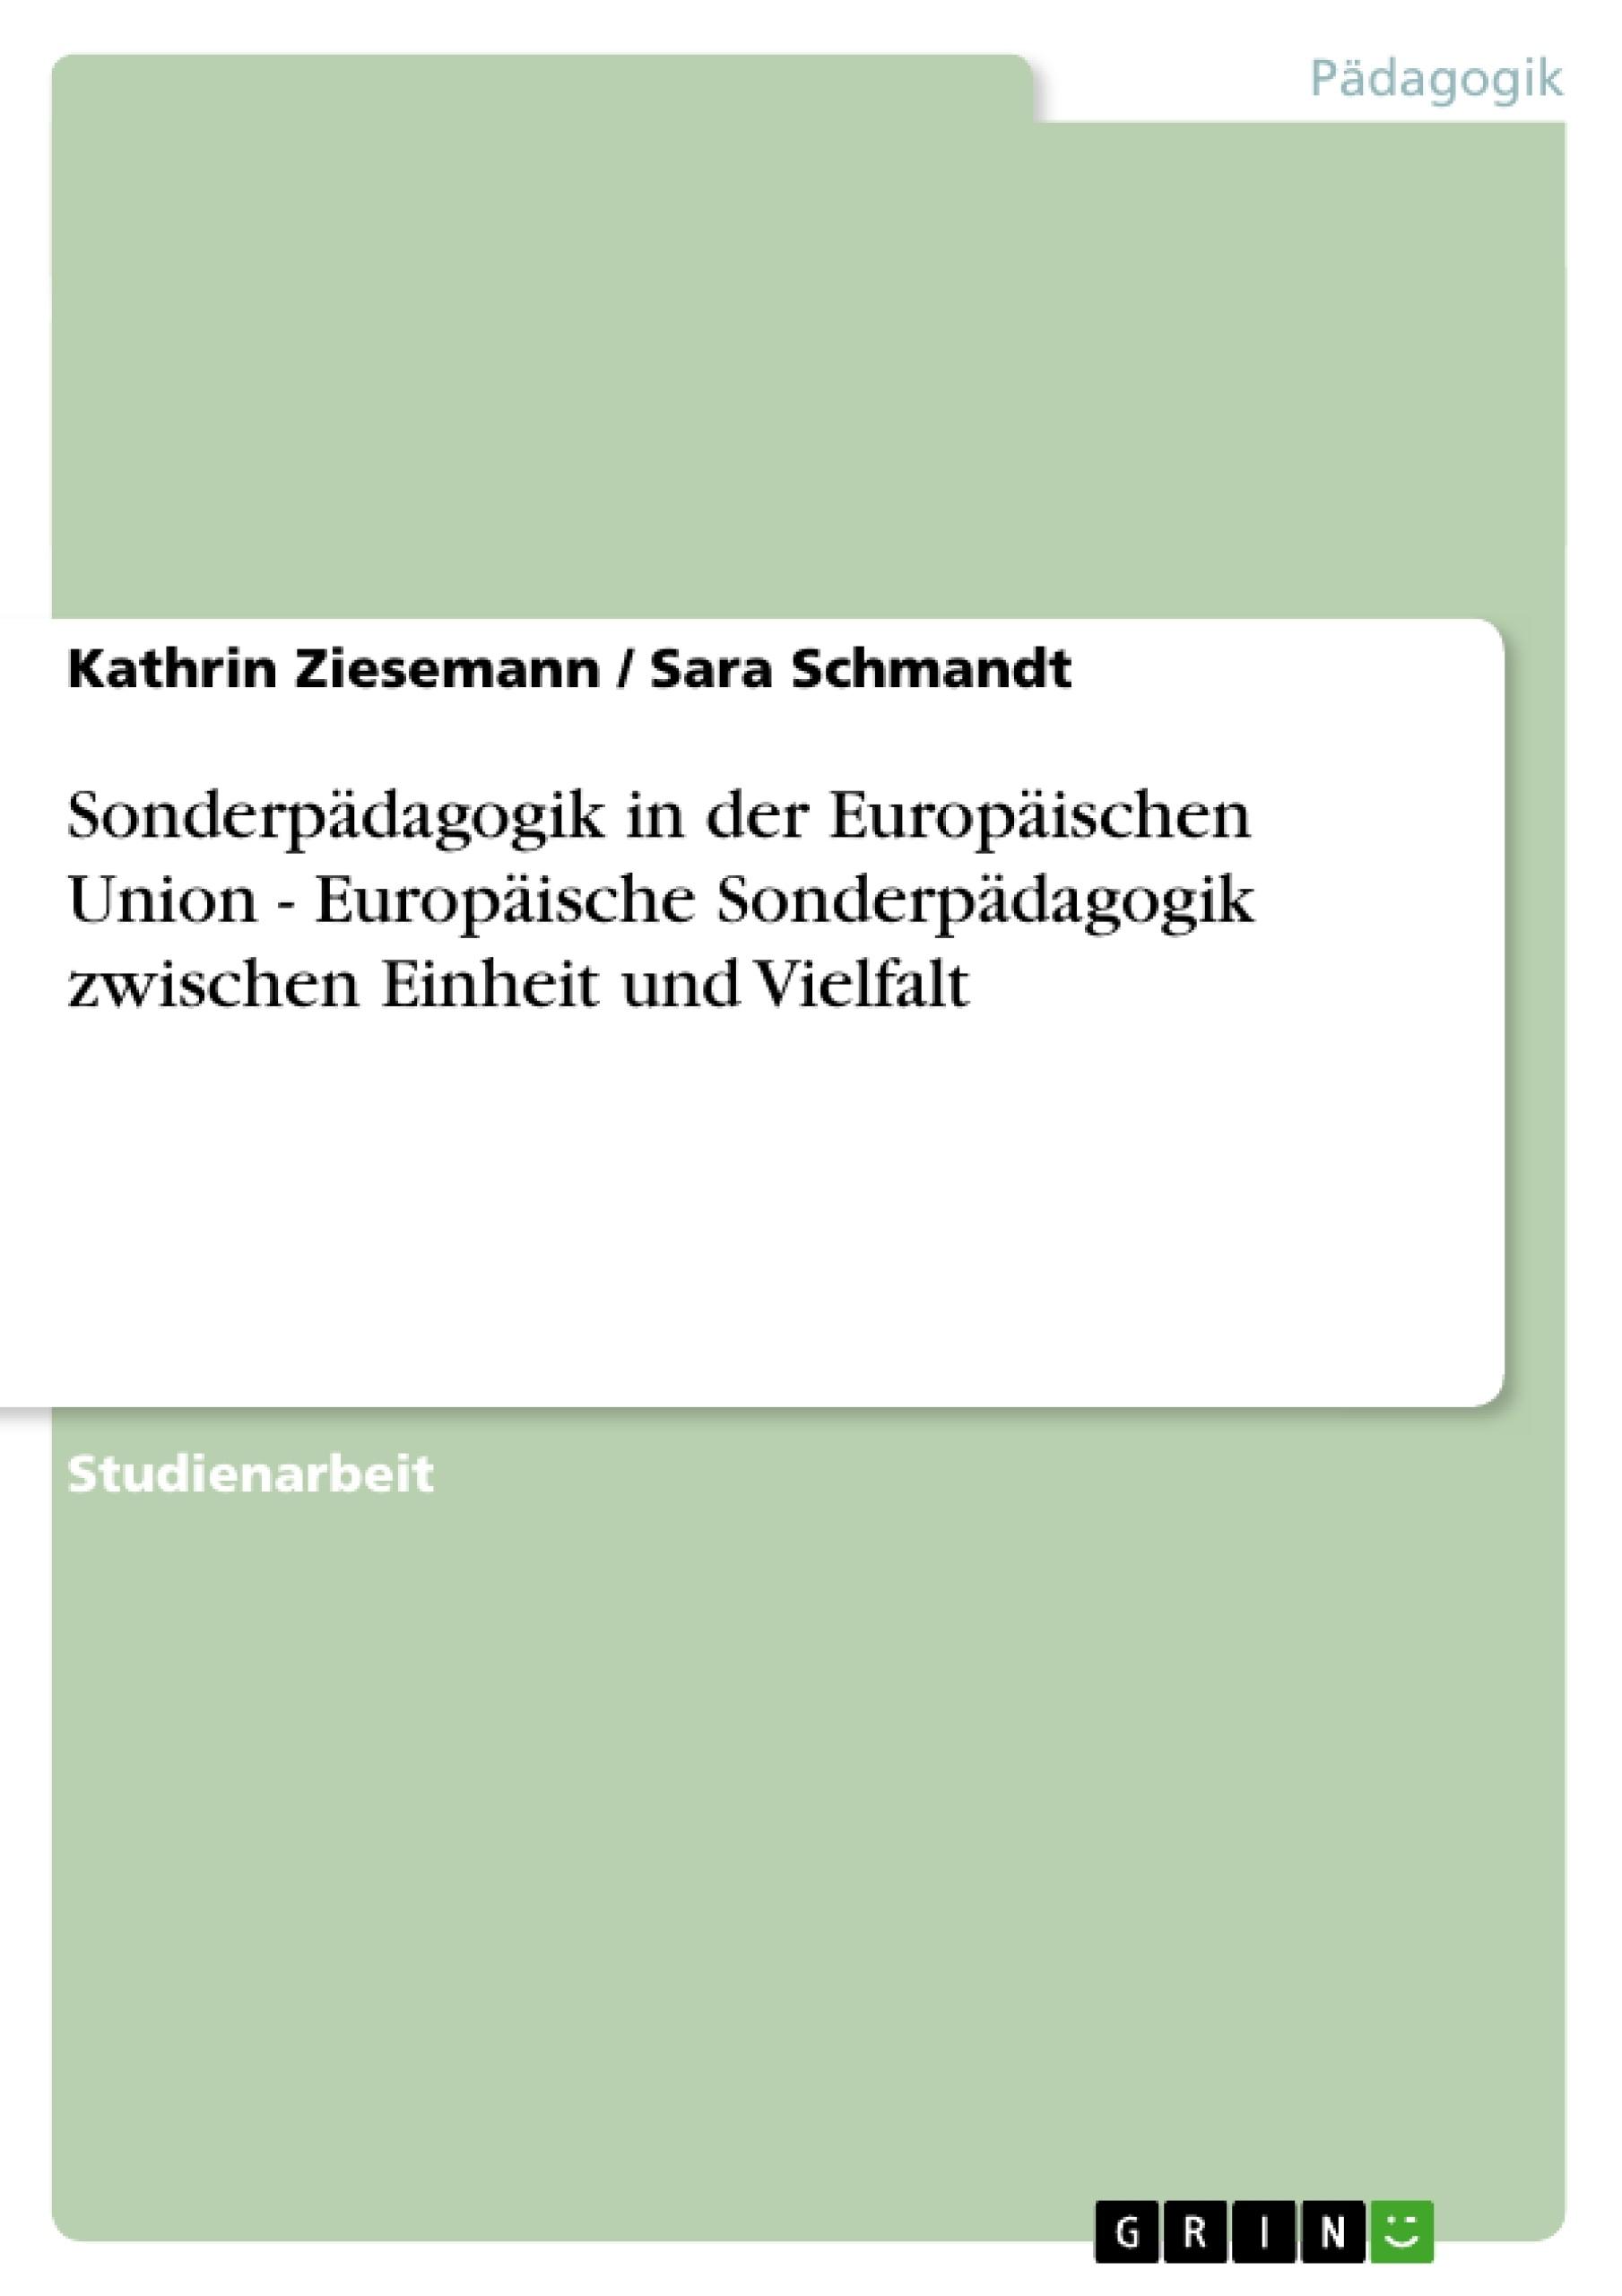 Titel: Sonderpädagogik in der Europäischen Union - Europäische Sonderpädagogik zwischen Einheit und Vielfalt